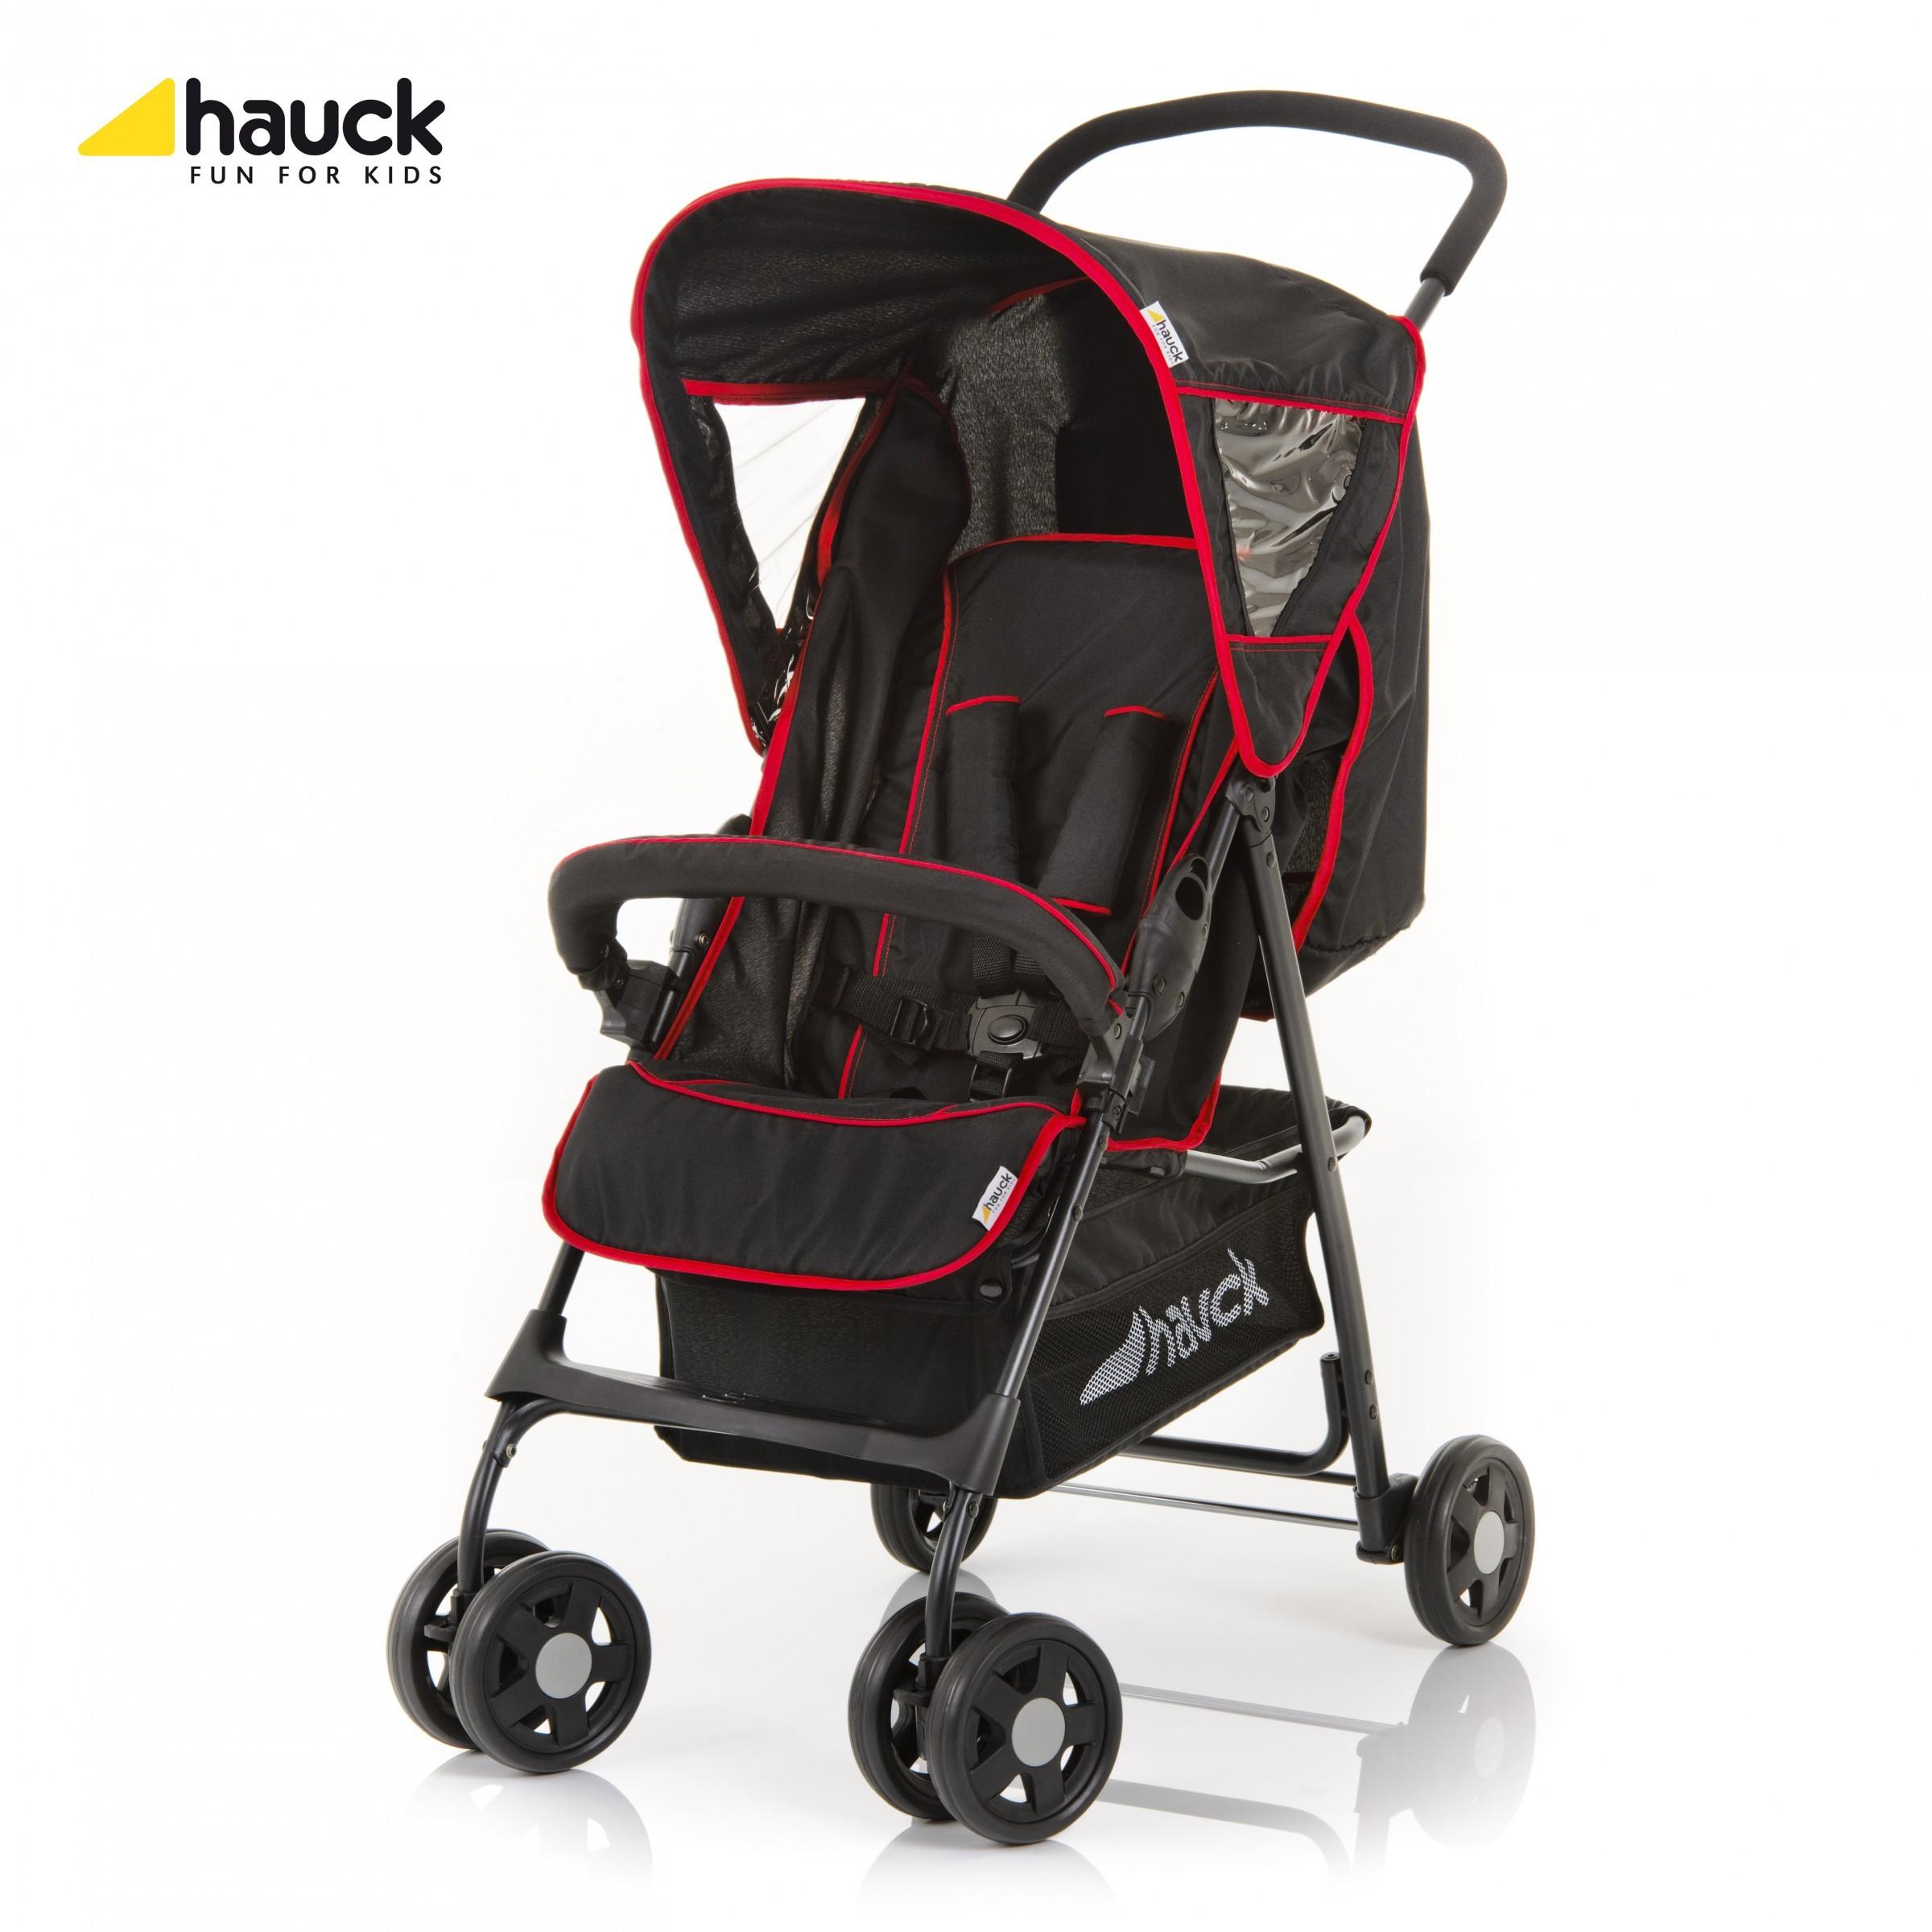 Hauck Buggy Sport SP12 black